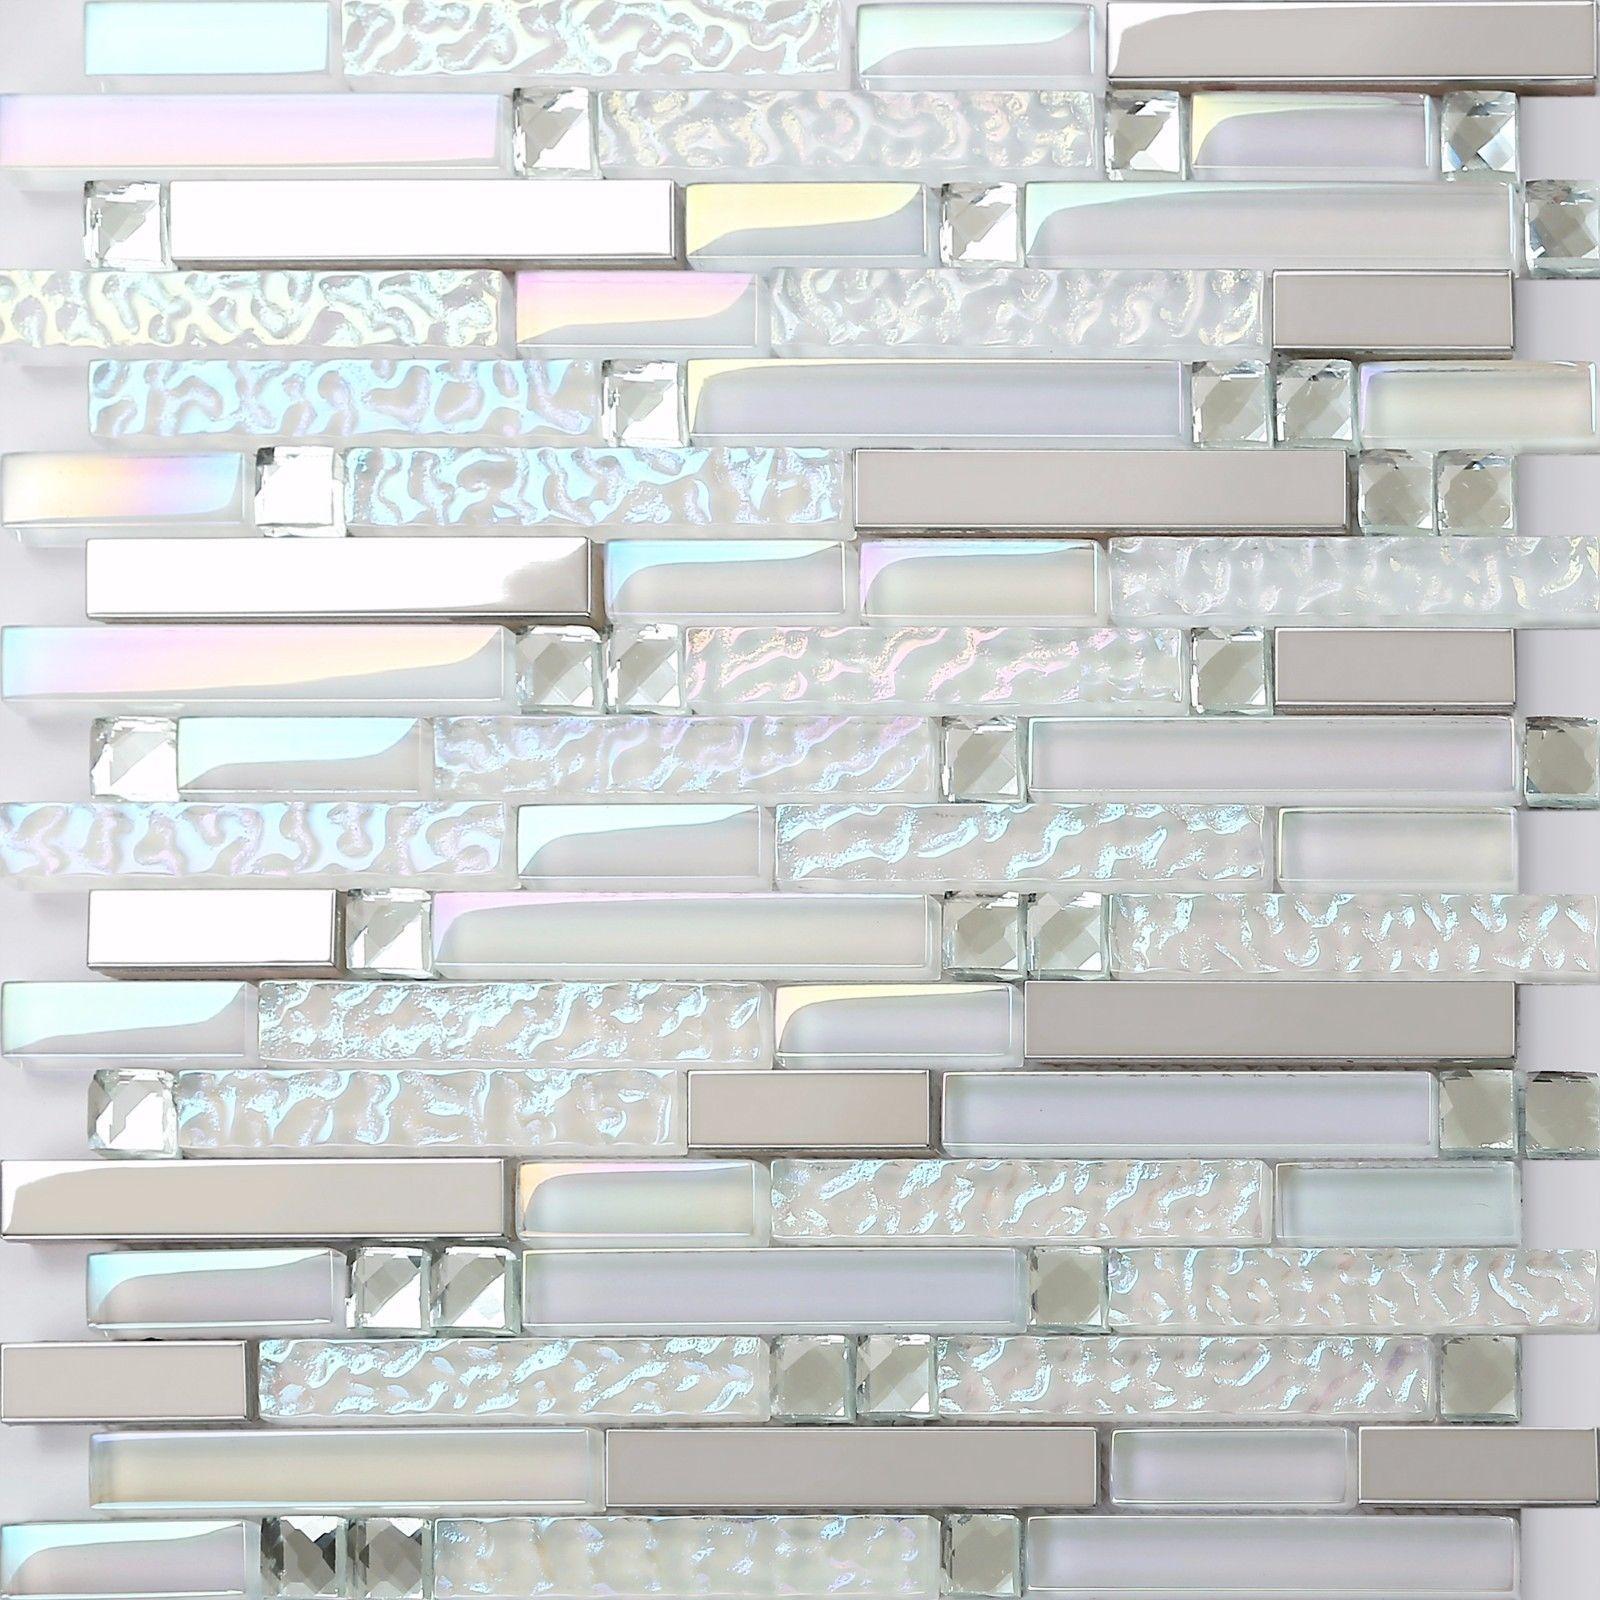 New White Interlocking Backsplash Glass Tile Iridescent Kitchen